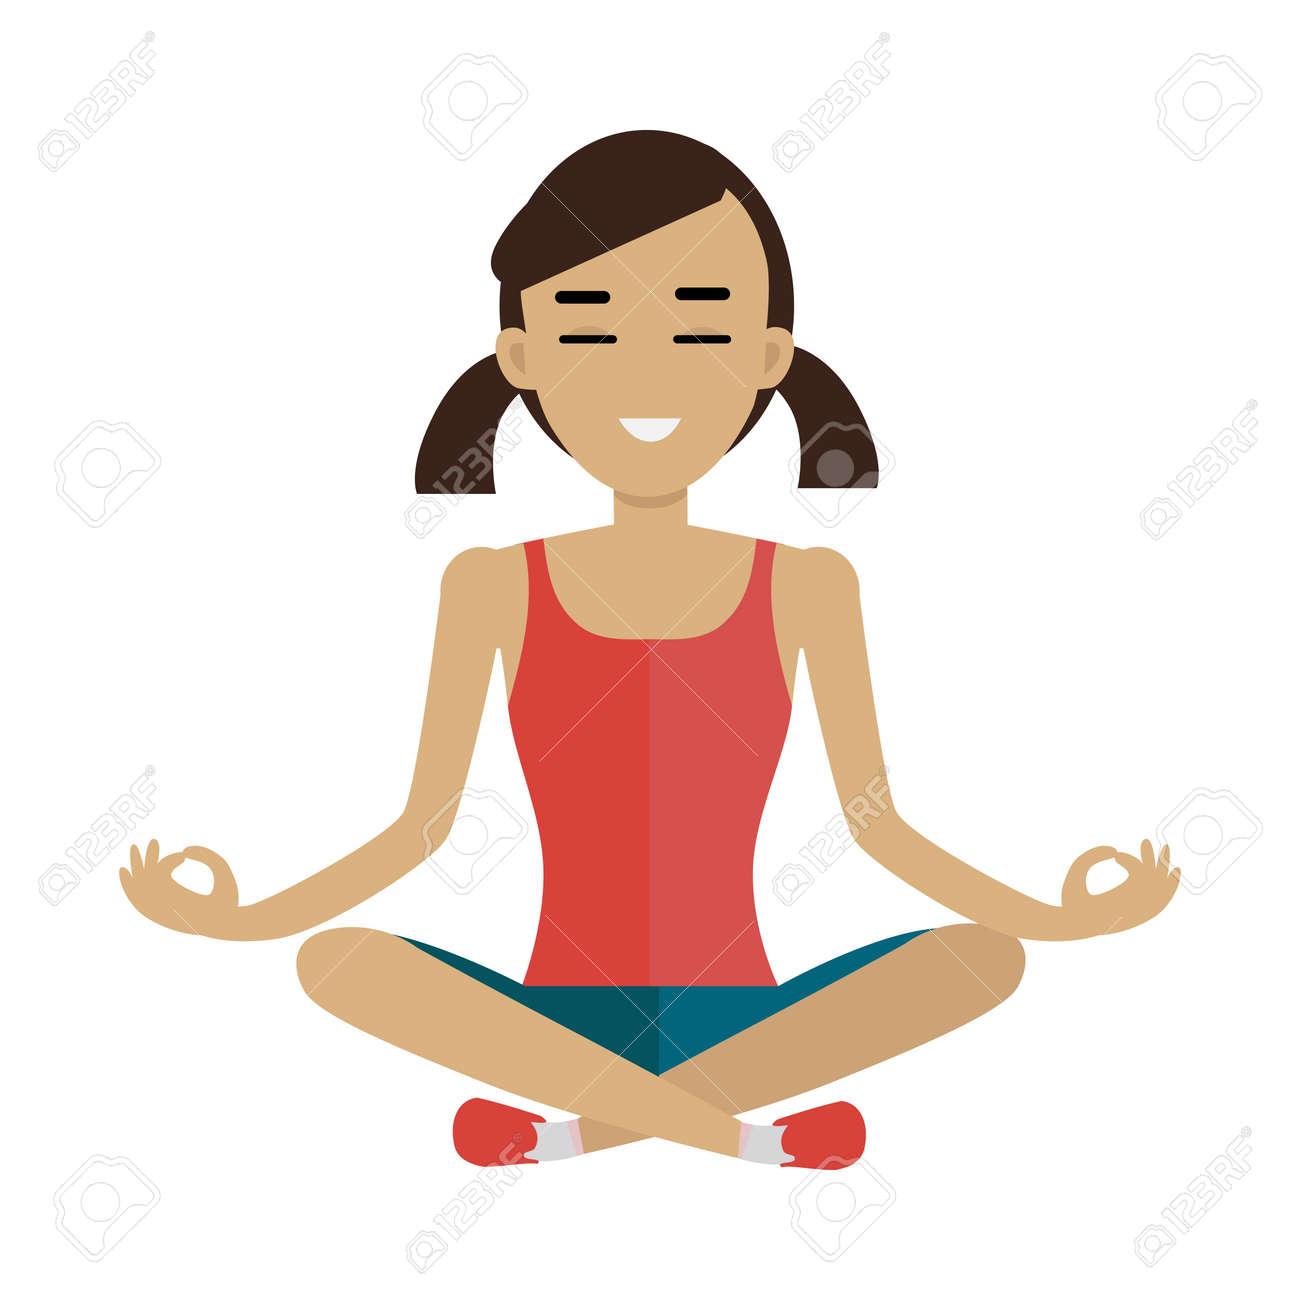 Femme Zen Dans La Pose De Yoga. Méditer Femme. Objet Isolé Dans La  Conception à Plat Sur Fond Blanc. 6e9ac14505f